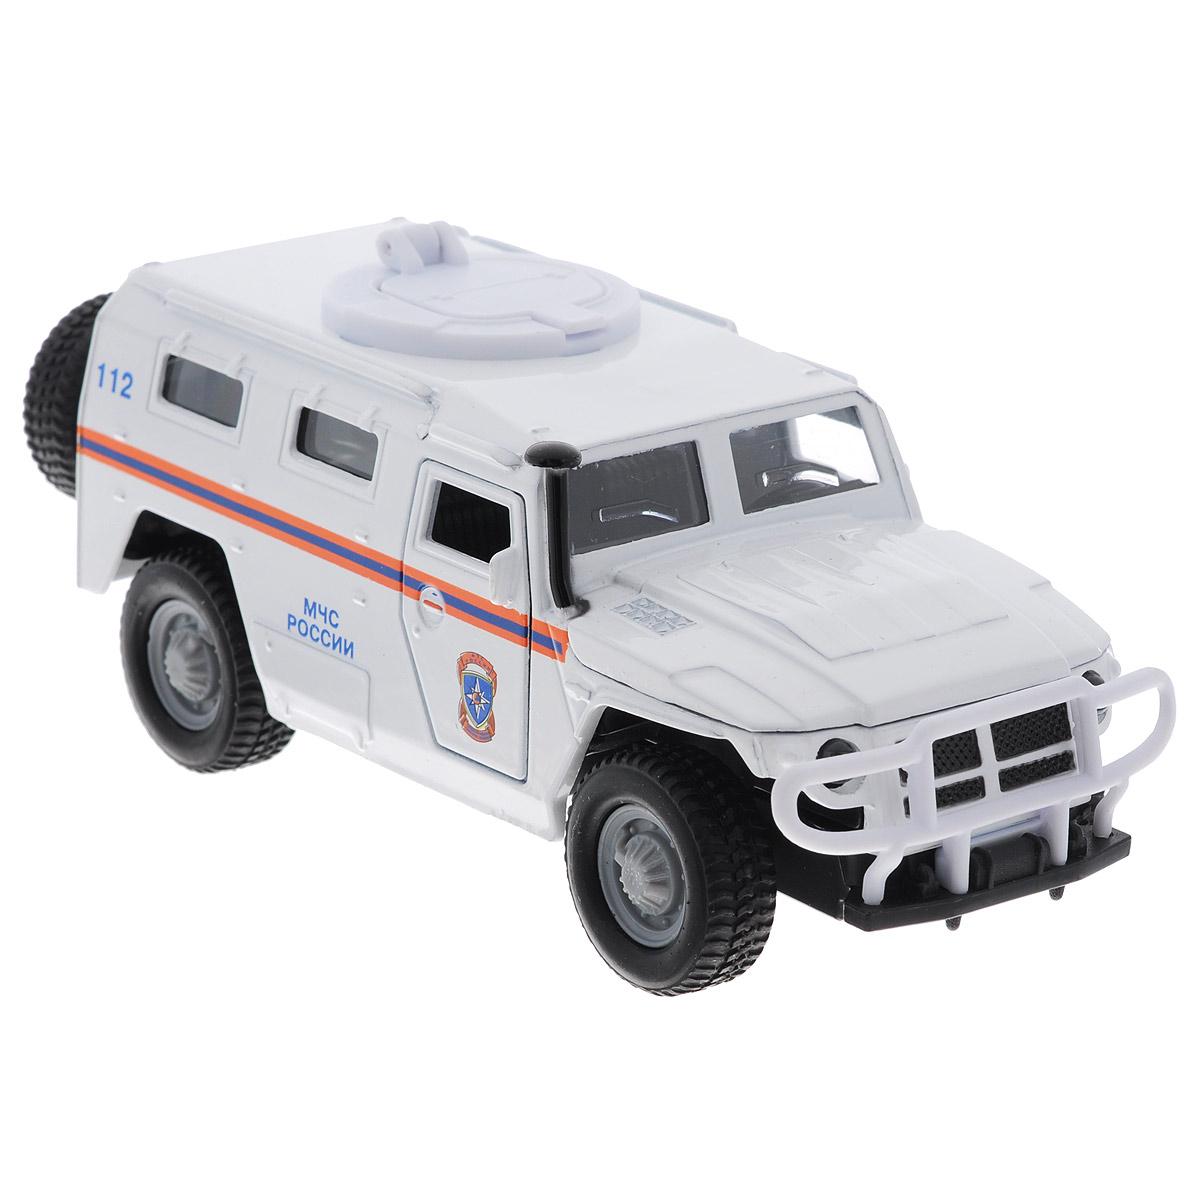 ТехноПарк Машинка инерционная ГАЗ Тигр цвет белыйCT12-357-N2Машинка ТехноПарк ГАЗ Тигр, выполненная из металла и пластика, станет любимой игрушкой вашего малыша. Игрушка представляет собой военный внедорожник ГАЗ Тигр, оснащенный открывающимися дверьми и капотом. Люк на крыше и дверцы багажного отделения также открываются. При нажатии на капот раздаются звуки работающего двигателя. Игрушка оснащена инерционным ходом. Внедорожник необходимо отвести назад, слегка надавив на крышу, затем отпустить - и машинка быстро поедет вперед. Прорезиненные колеса обеспечивают надежное сцепление с любой гладкой поверхностью. Ваш ребенок будет часами играть с этой машинкой, придумывая различные истории. Порадуйте его таким замечательным подарком! Машинка работает от батареек (товар комплектуется демонстрационными).